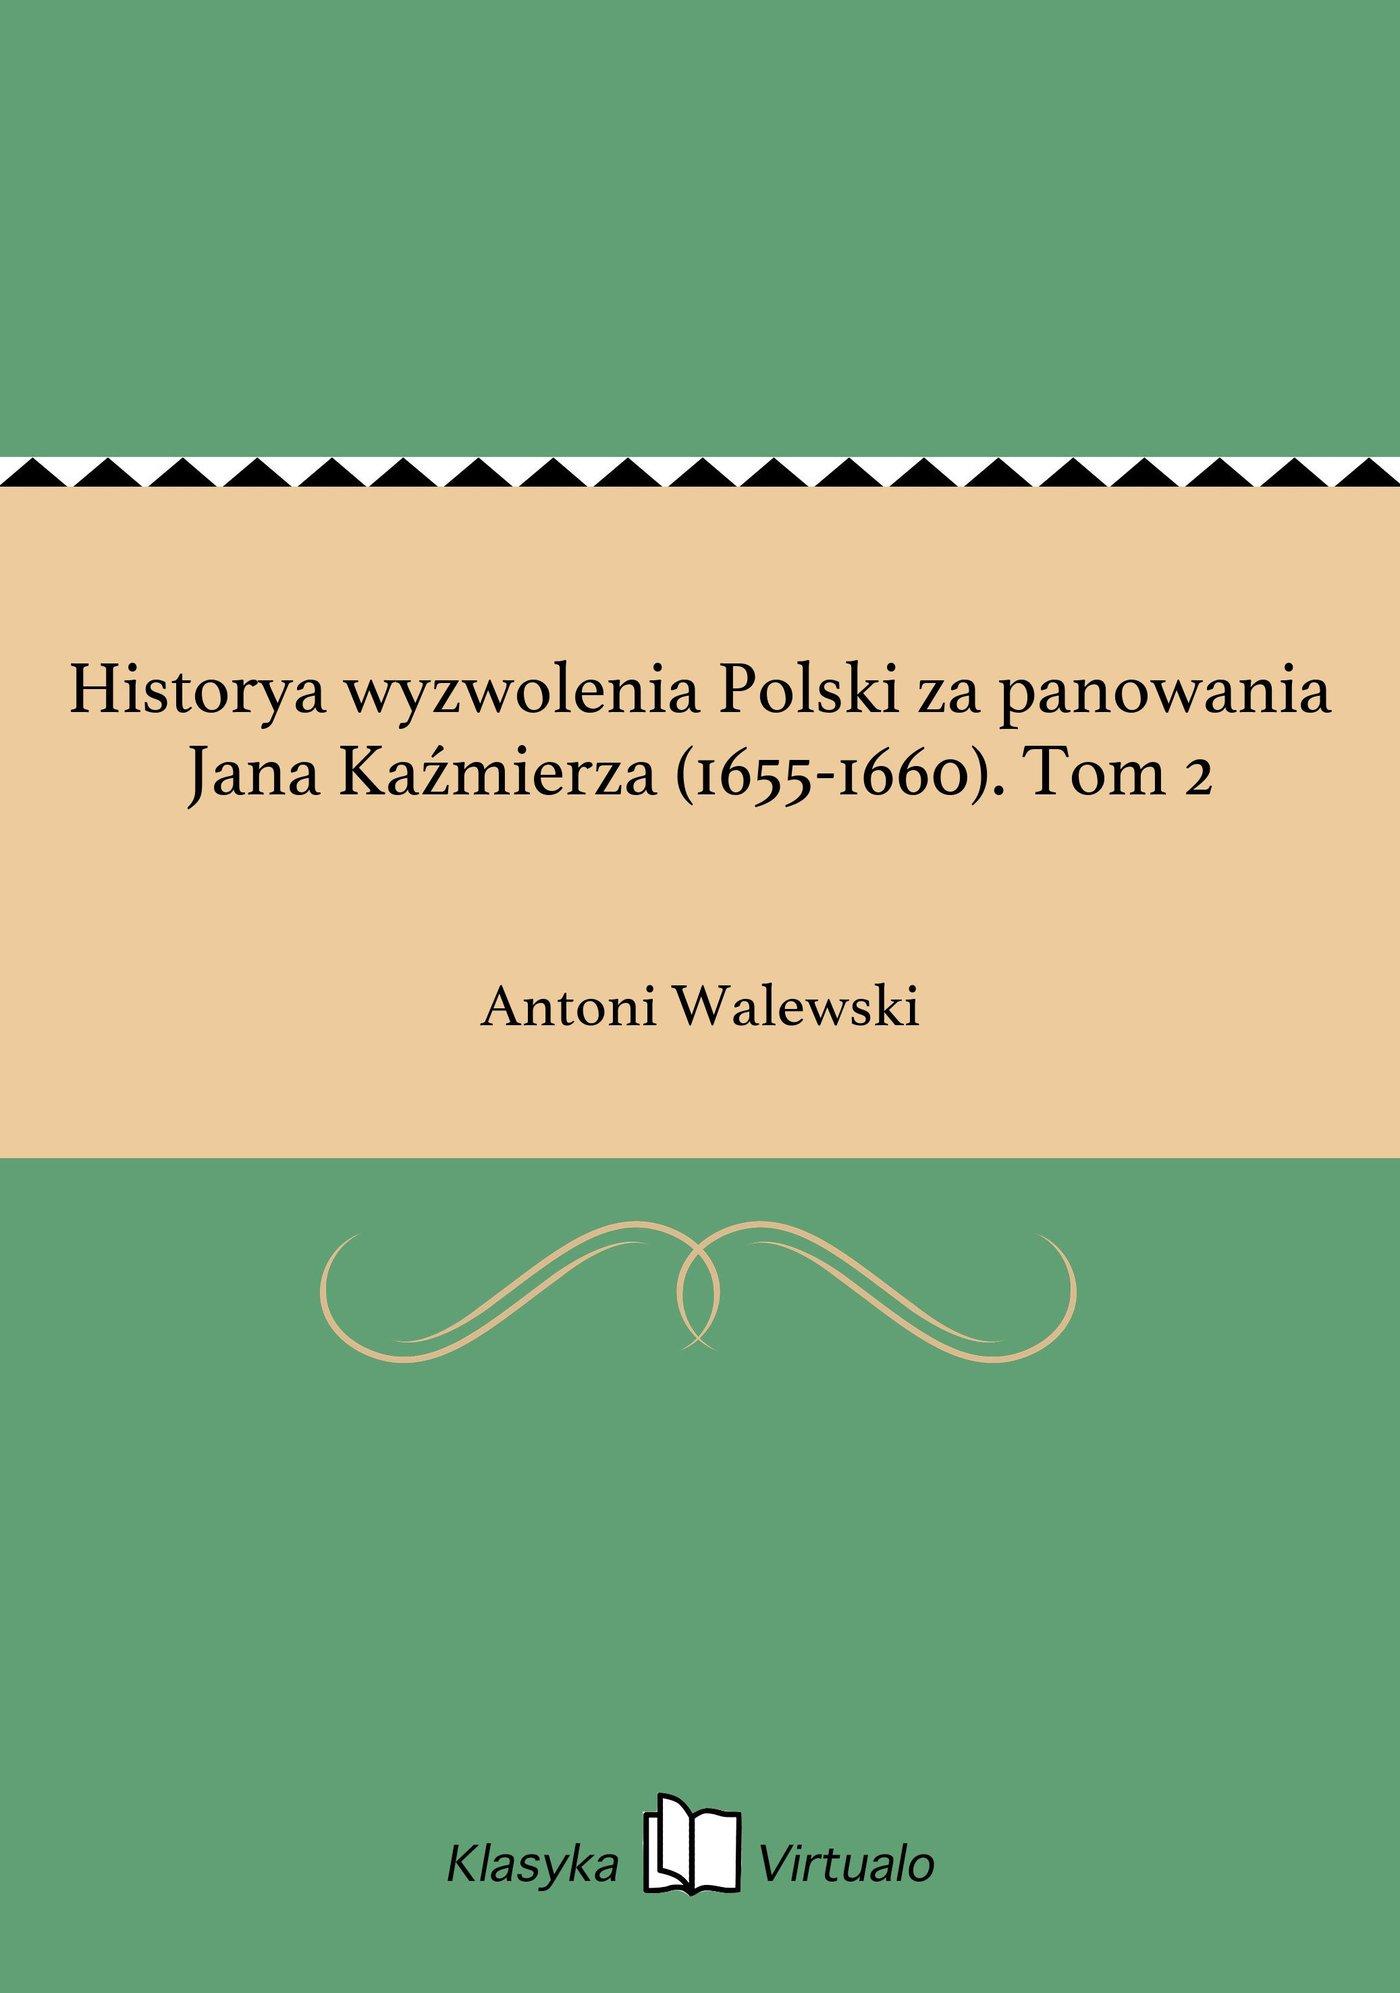 Historya wyzwolenia Polski za panowania Jana Kaźmierza (1655-1660). Tom 2 - Ebook (Książka EPUB) do pobrania w formacie EPUB